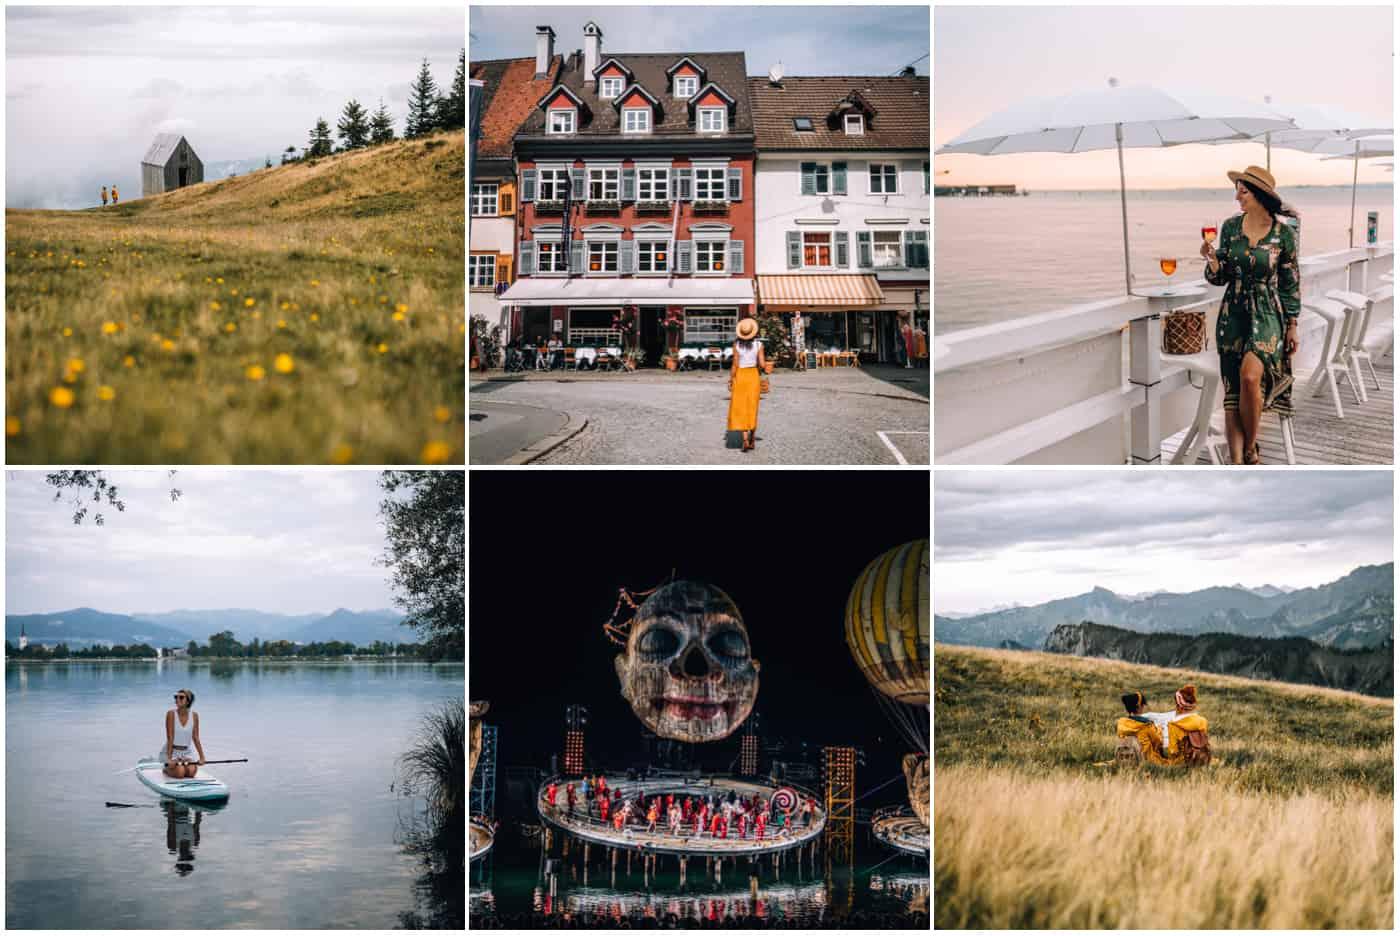 Bregenz zur Zeit der Bregenzer Festspiele – Tipps, Ausflugsziele & Aktivitäten